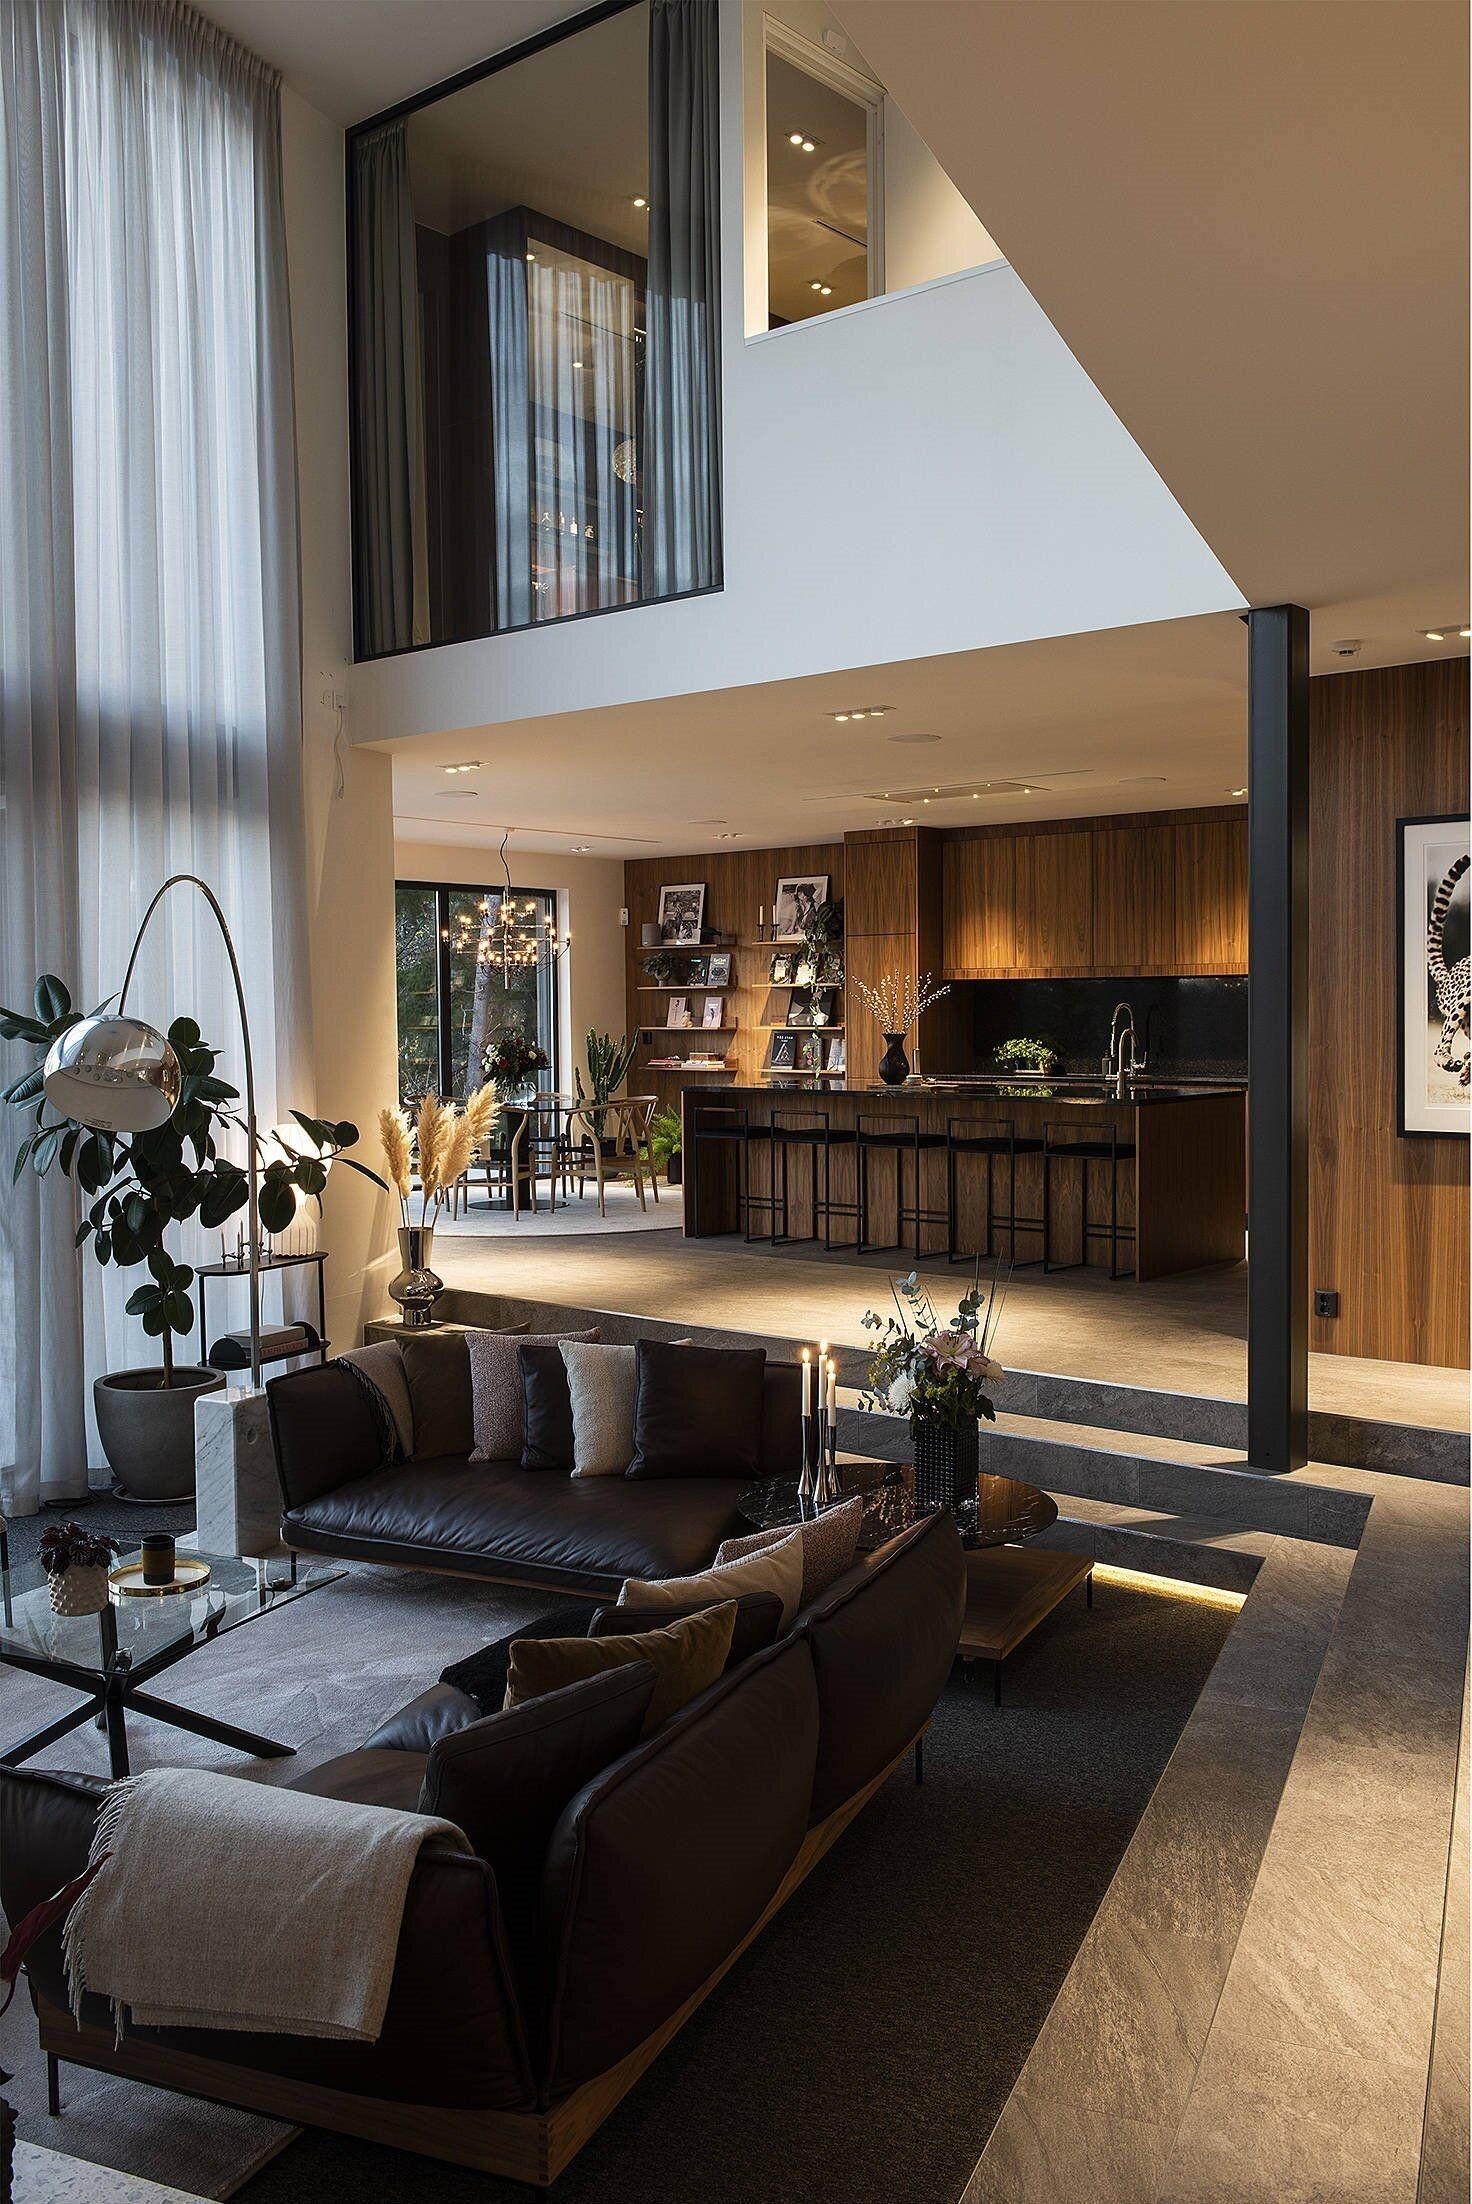 Villa De Luxe De Reve Et Les Plus Cheres Les Plus Belles Maisons Avec Piscine Interieur Maison Contemporaine Interieur Maison Design Interieur Maison